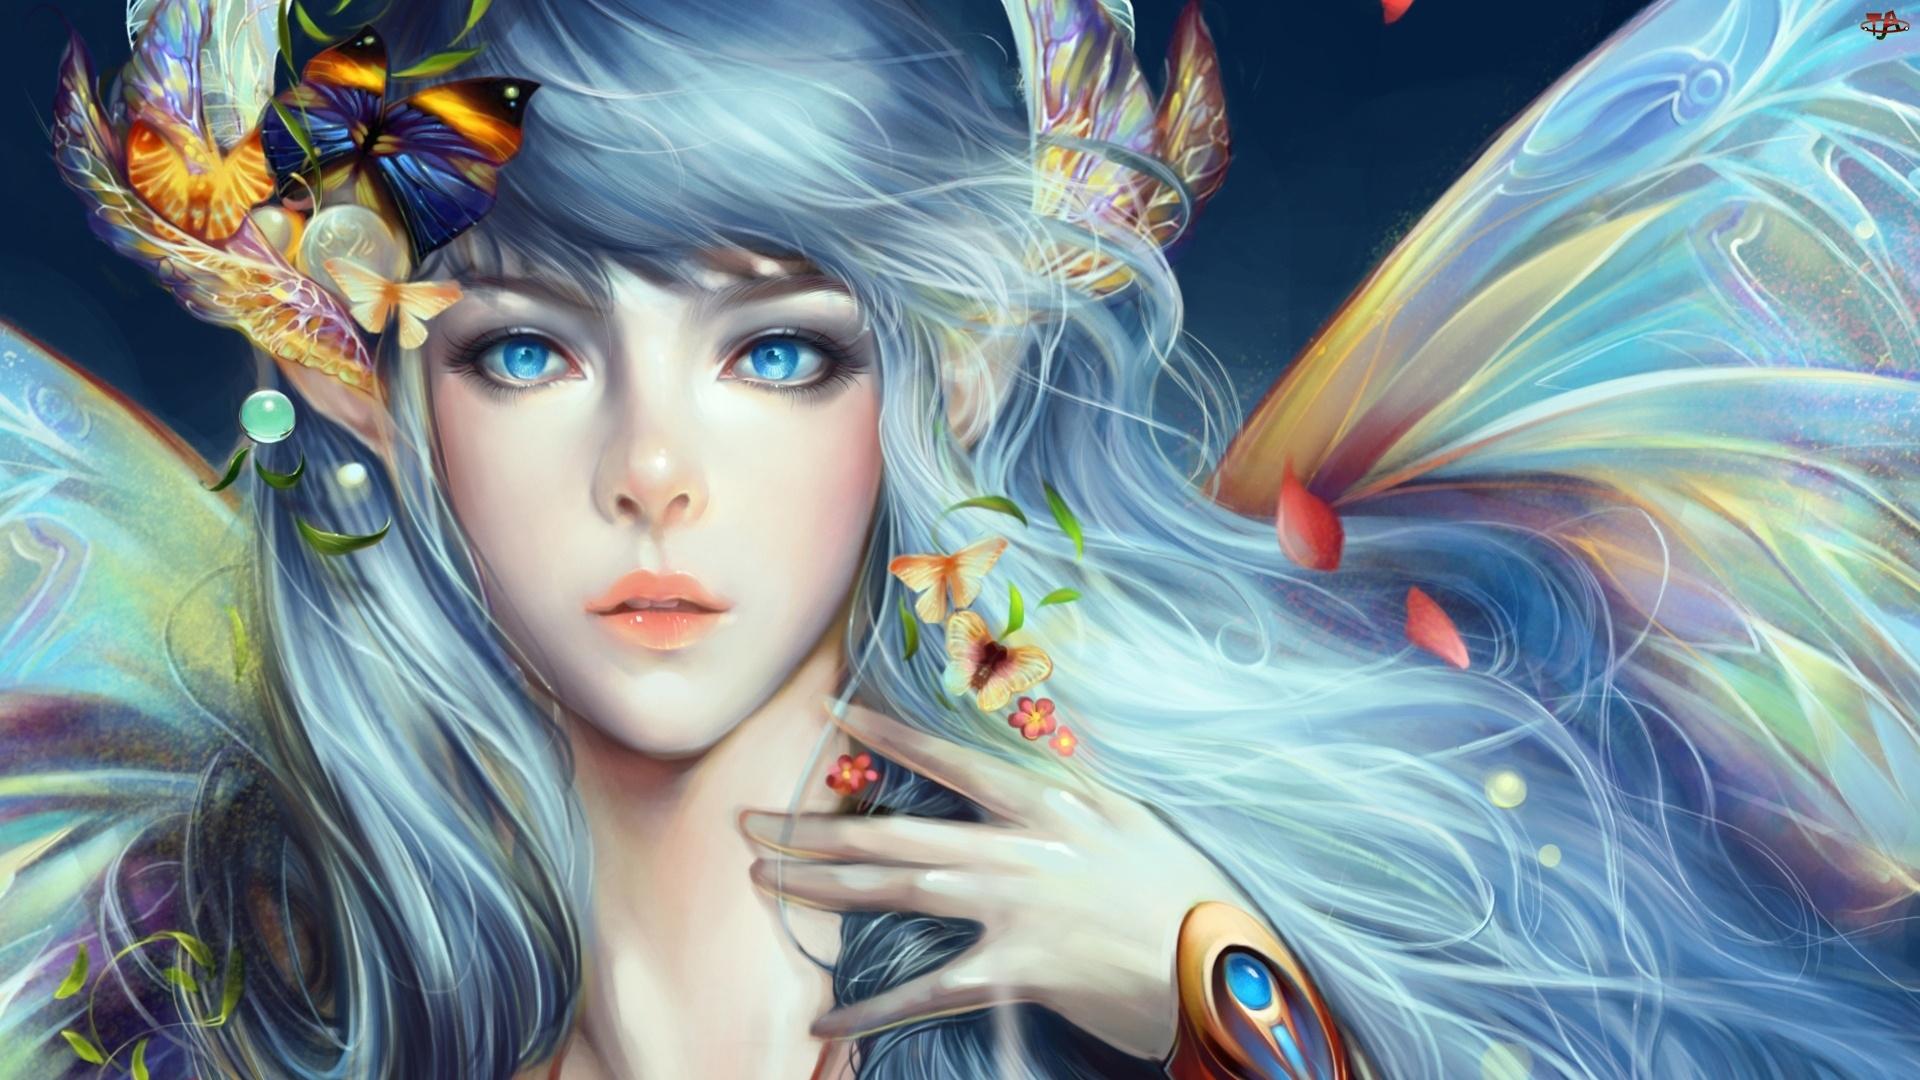 Motyle, Niebieskooka, Kobieta